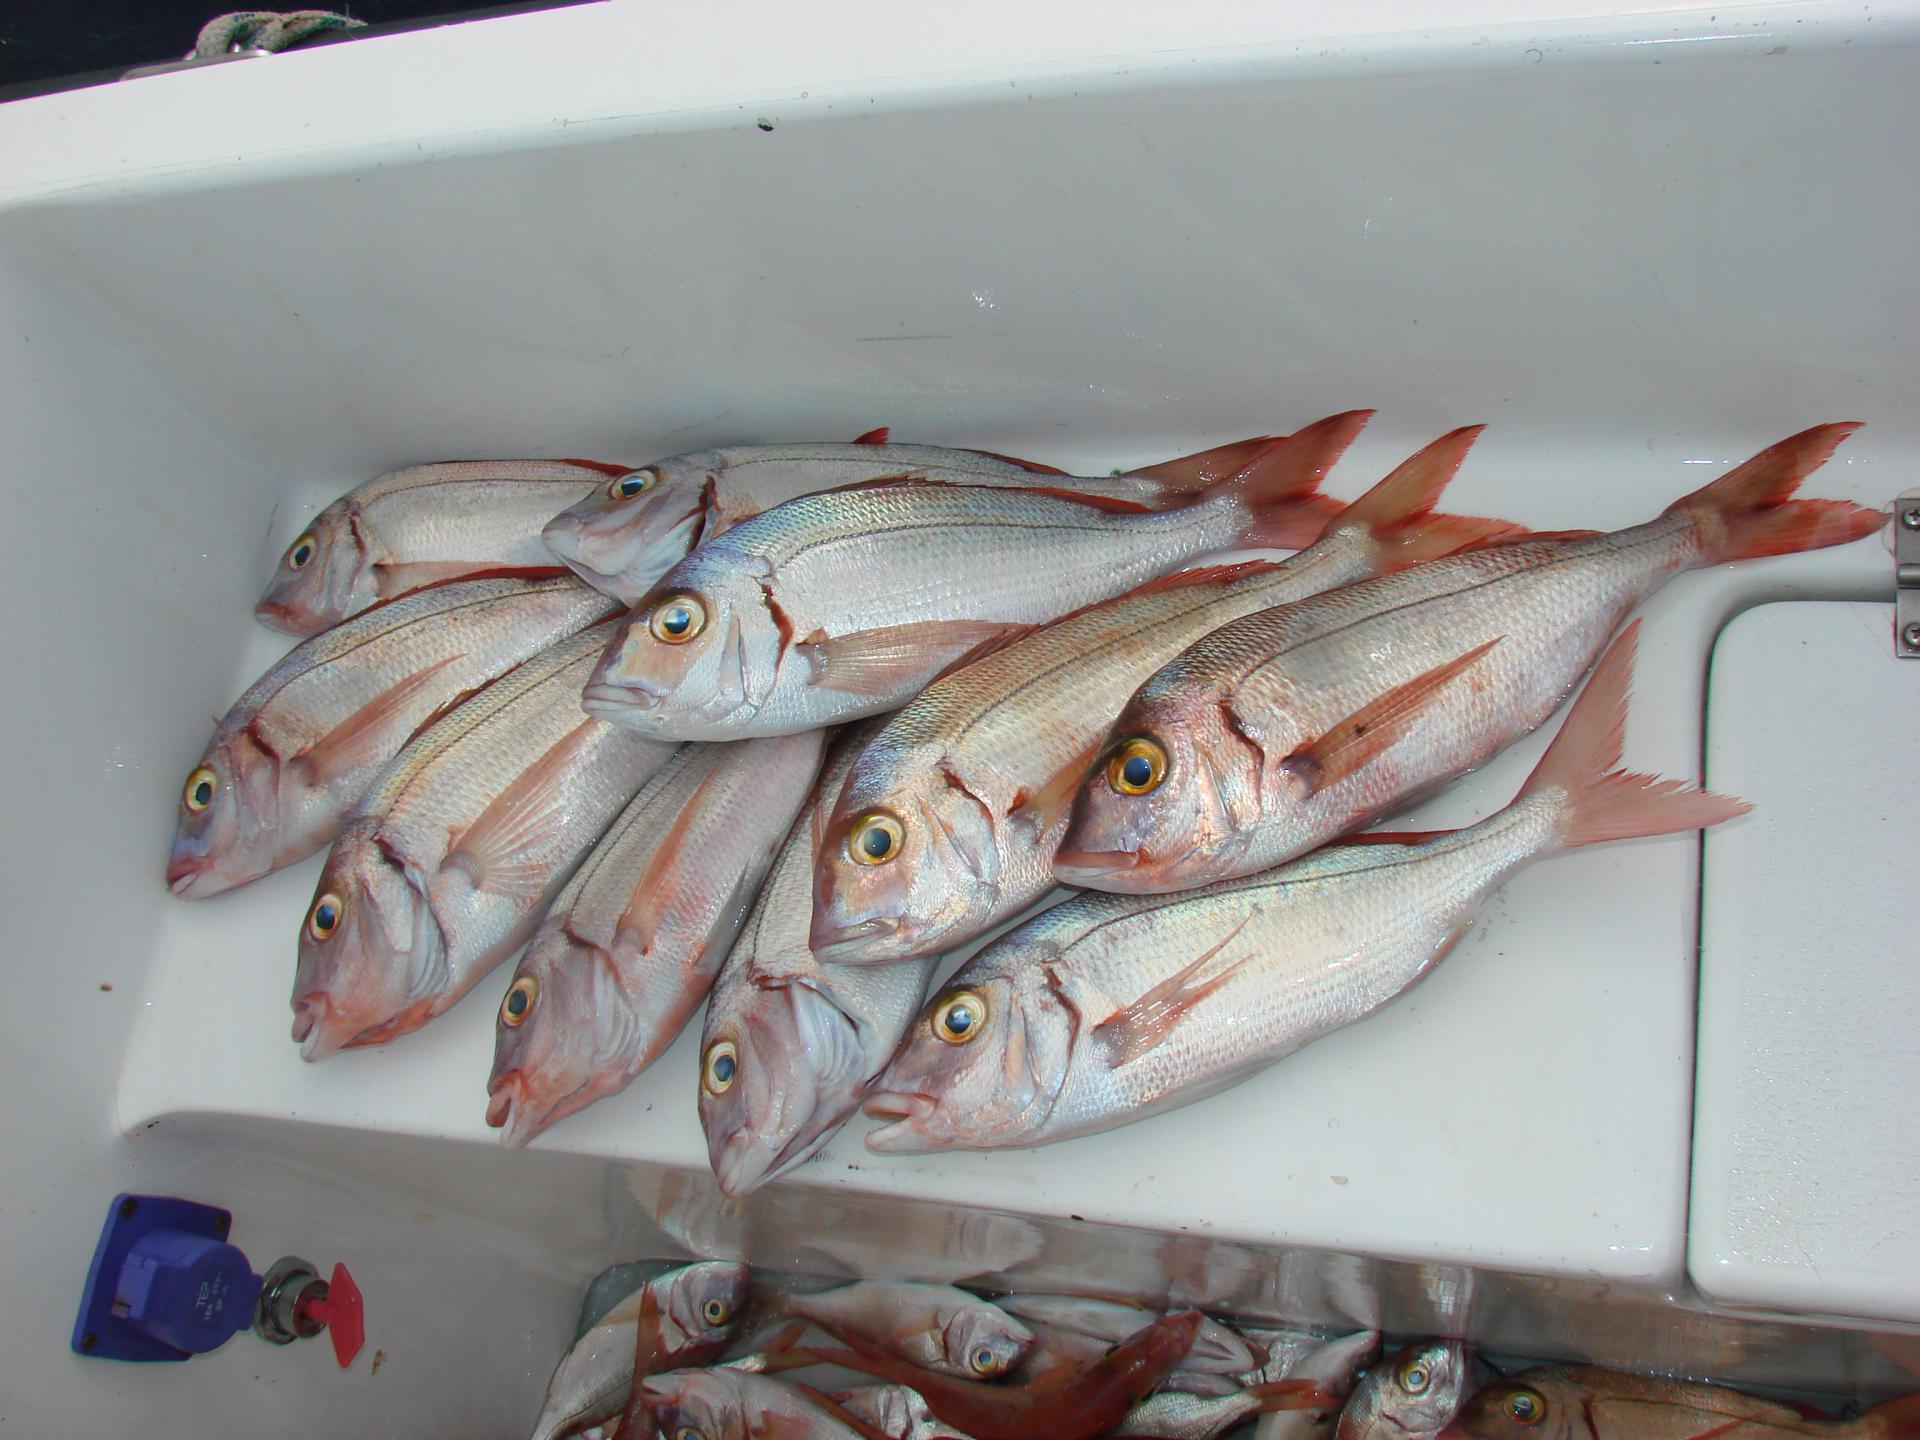 puno riba izlazi na mreži